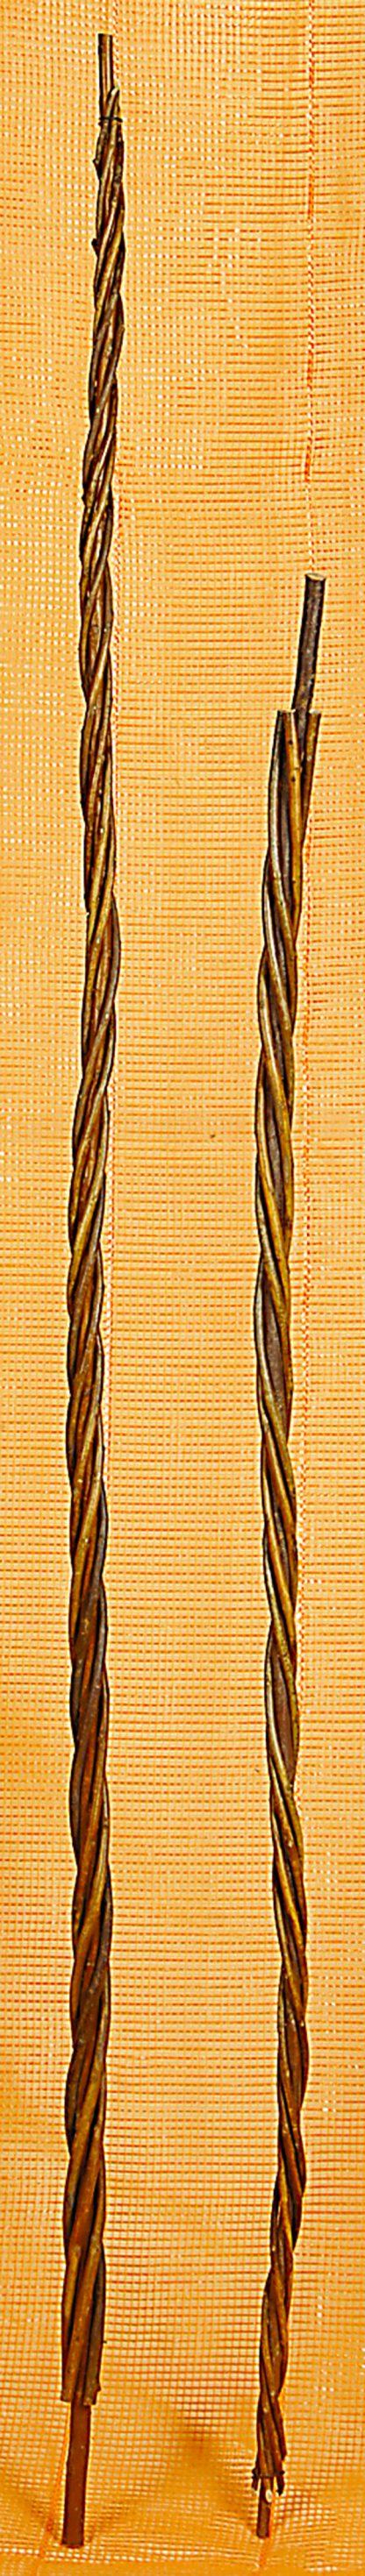 στικ φυτων HD06-217A / HD06-217B-0